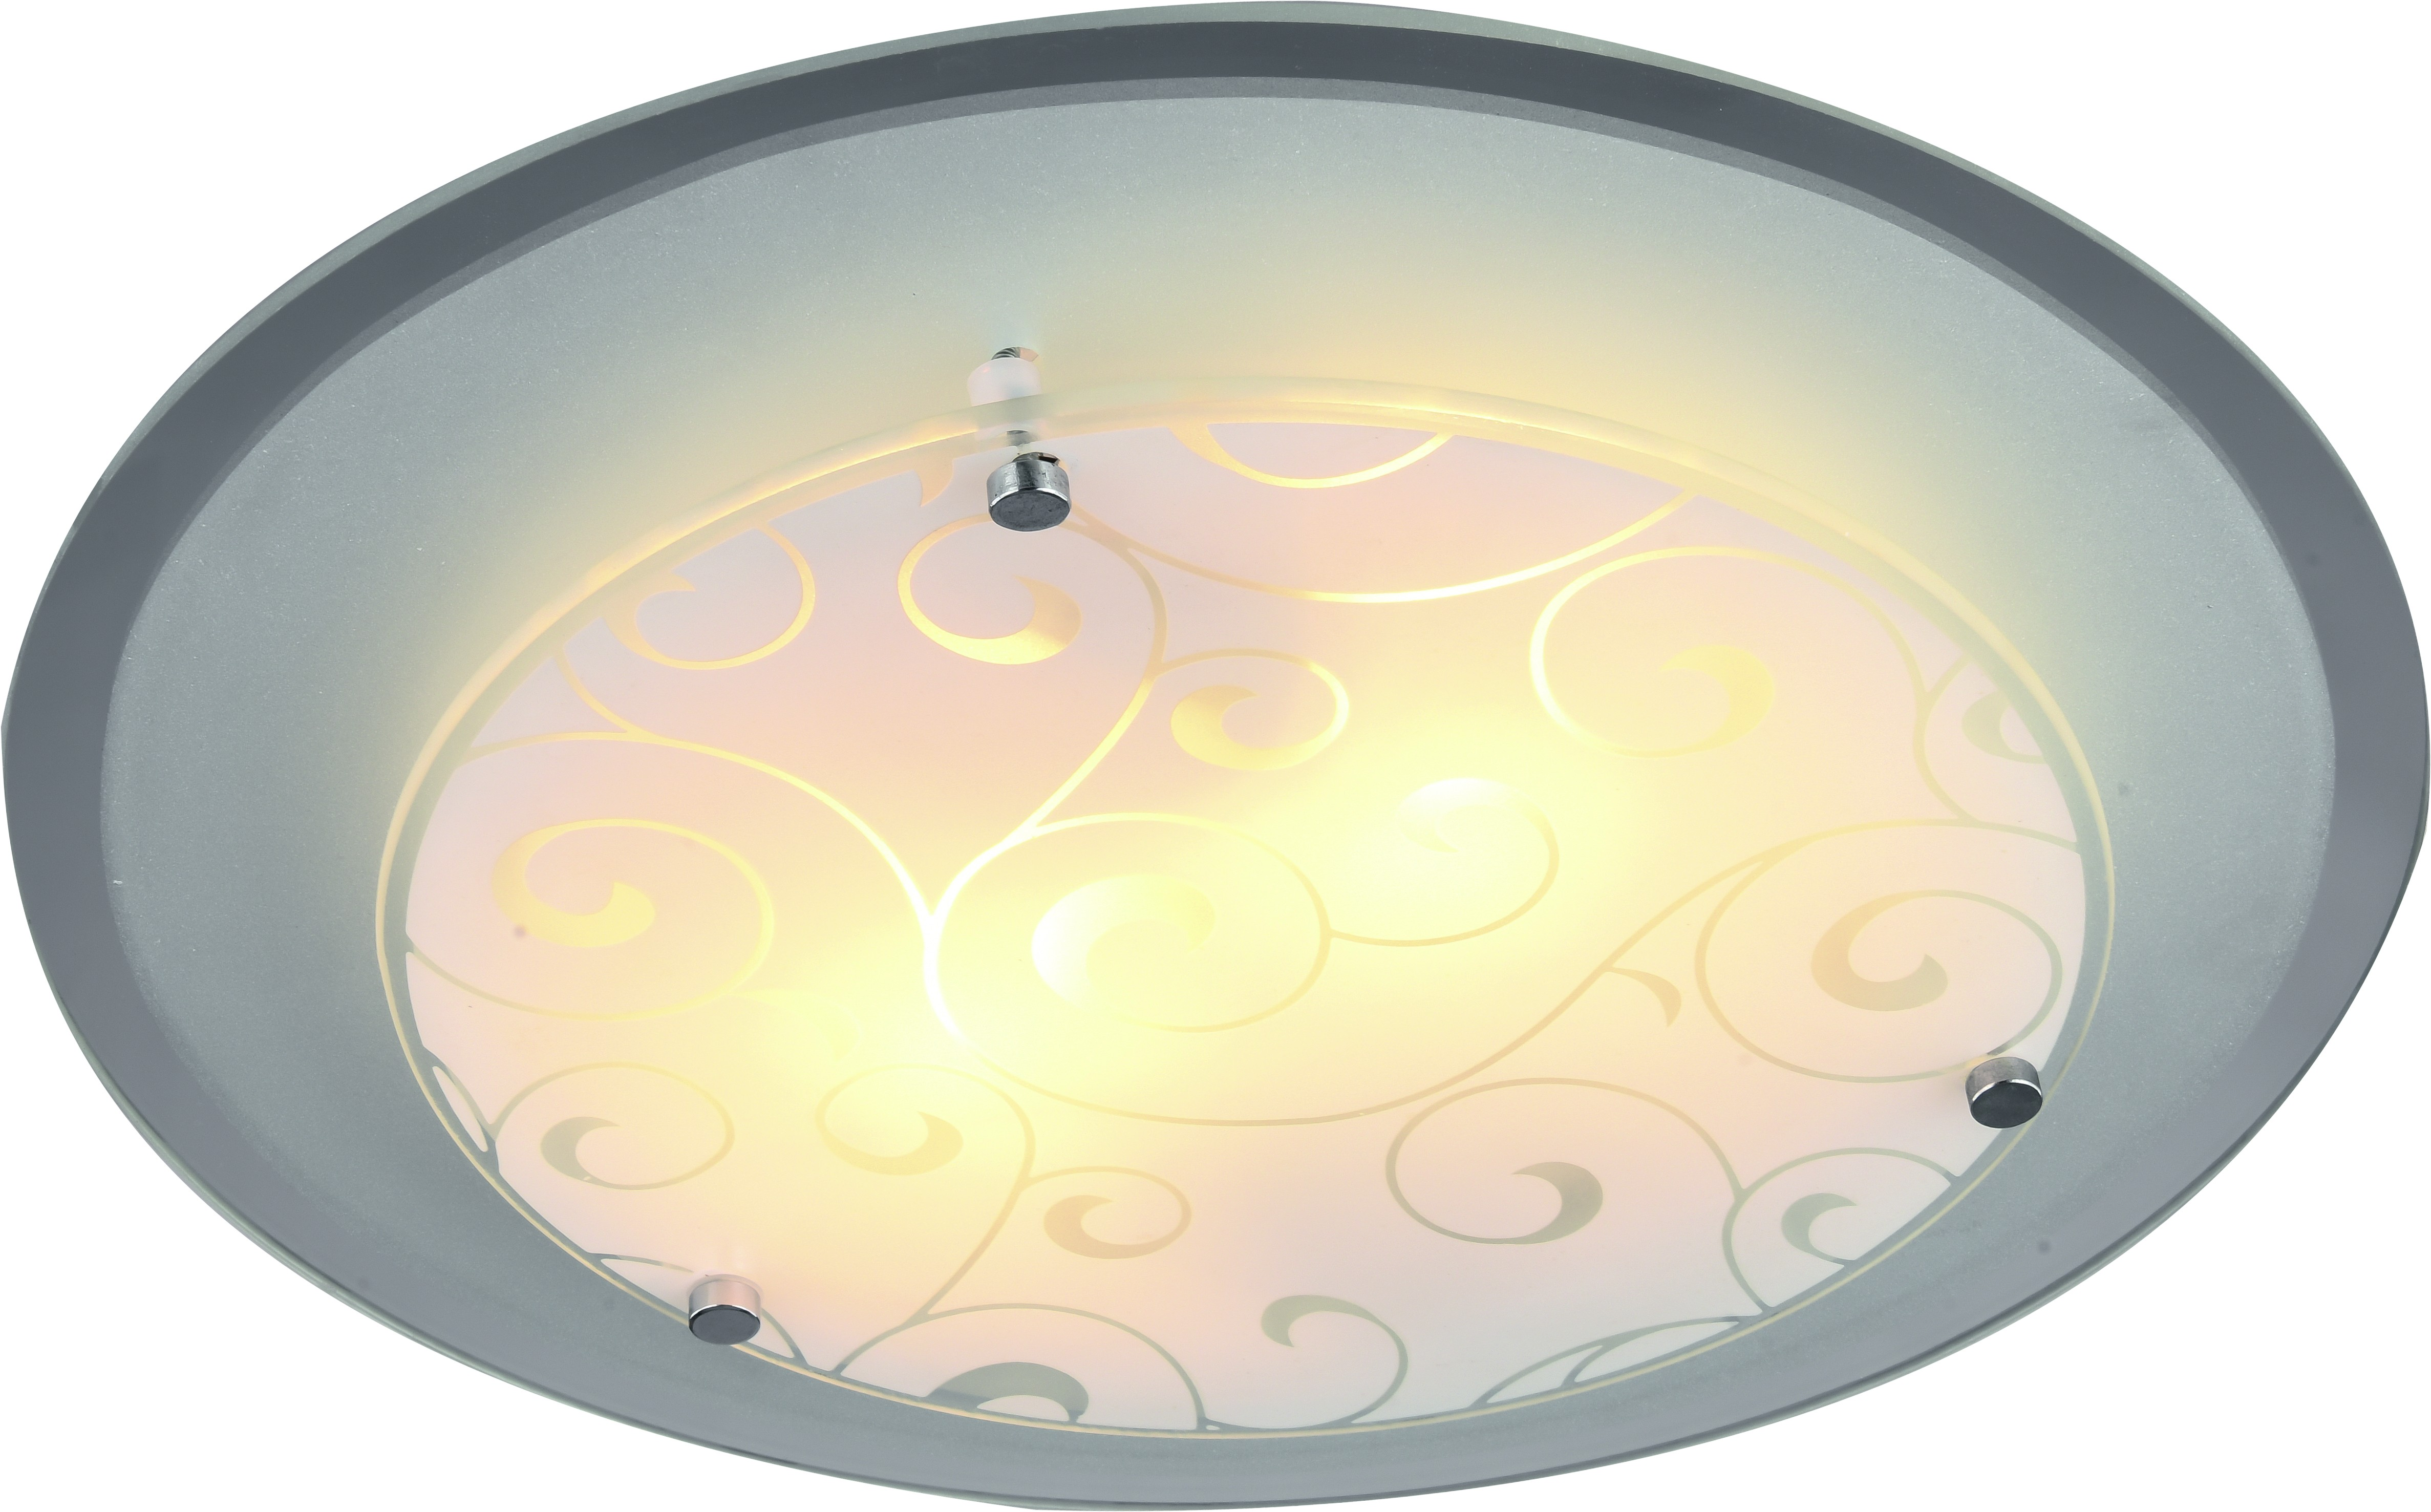 Светильник настенно-потолочный Arte lamp A4806pl-1cc